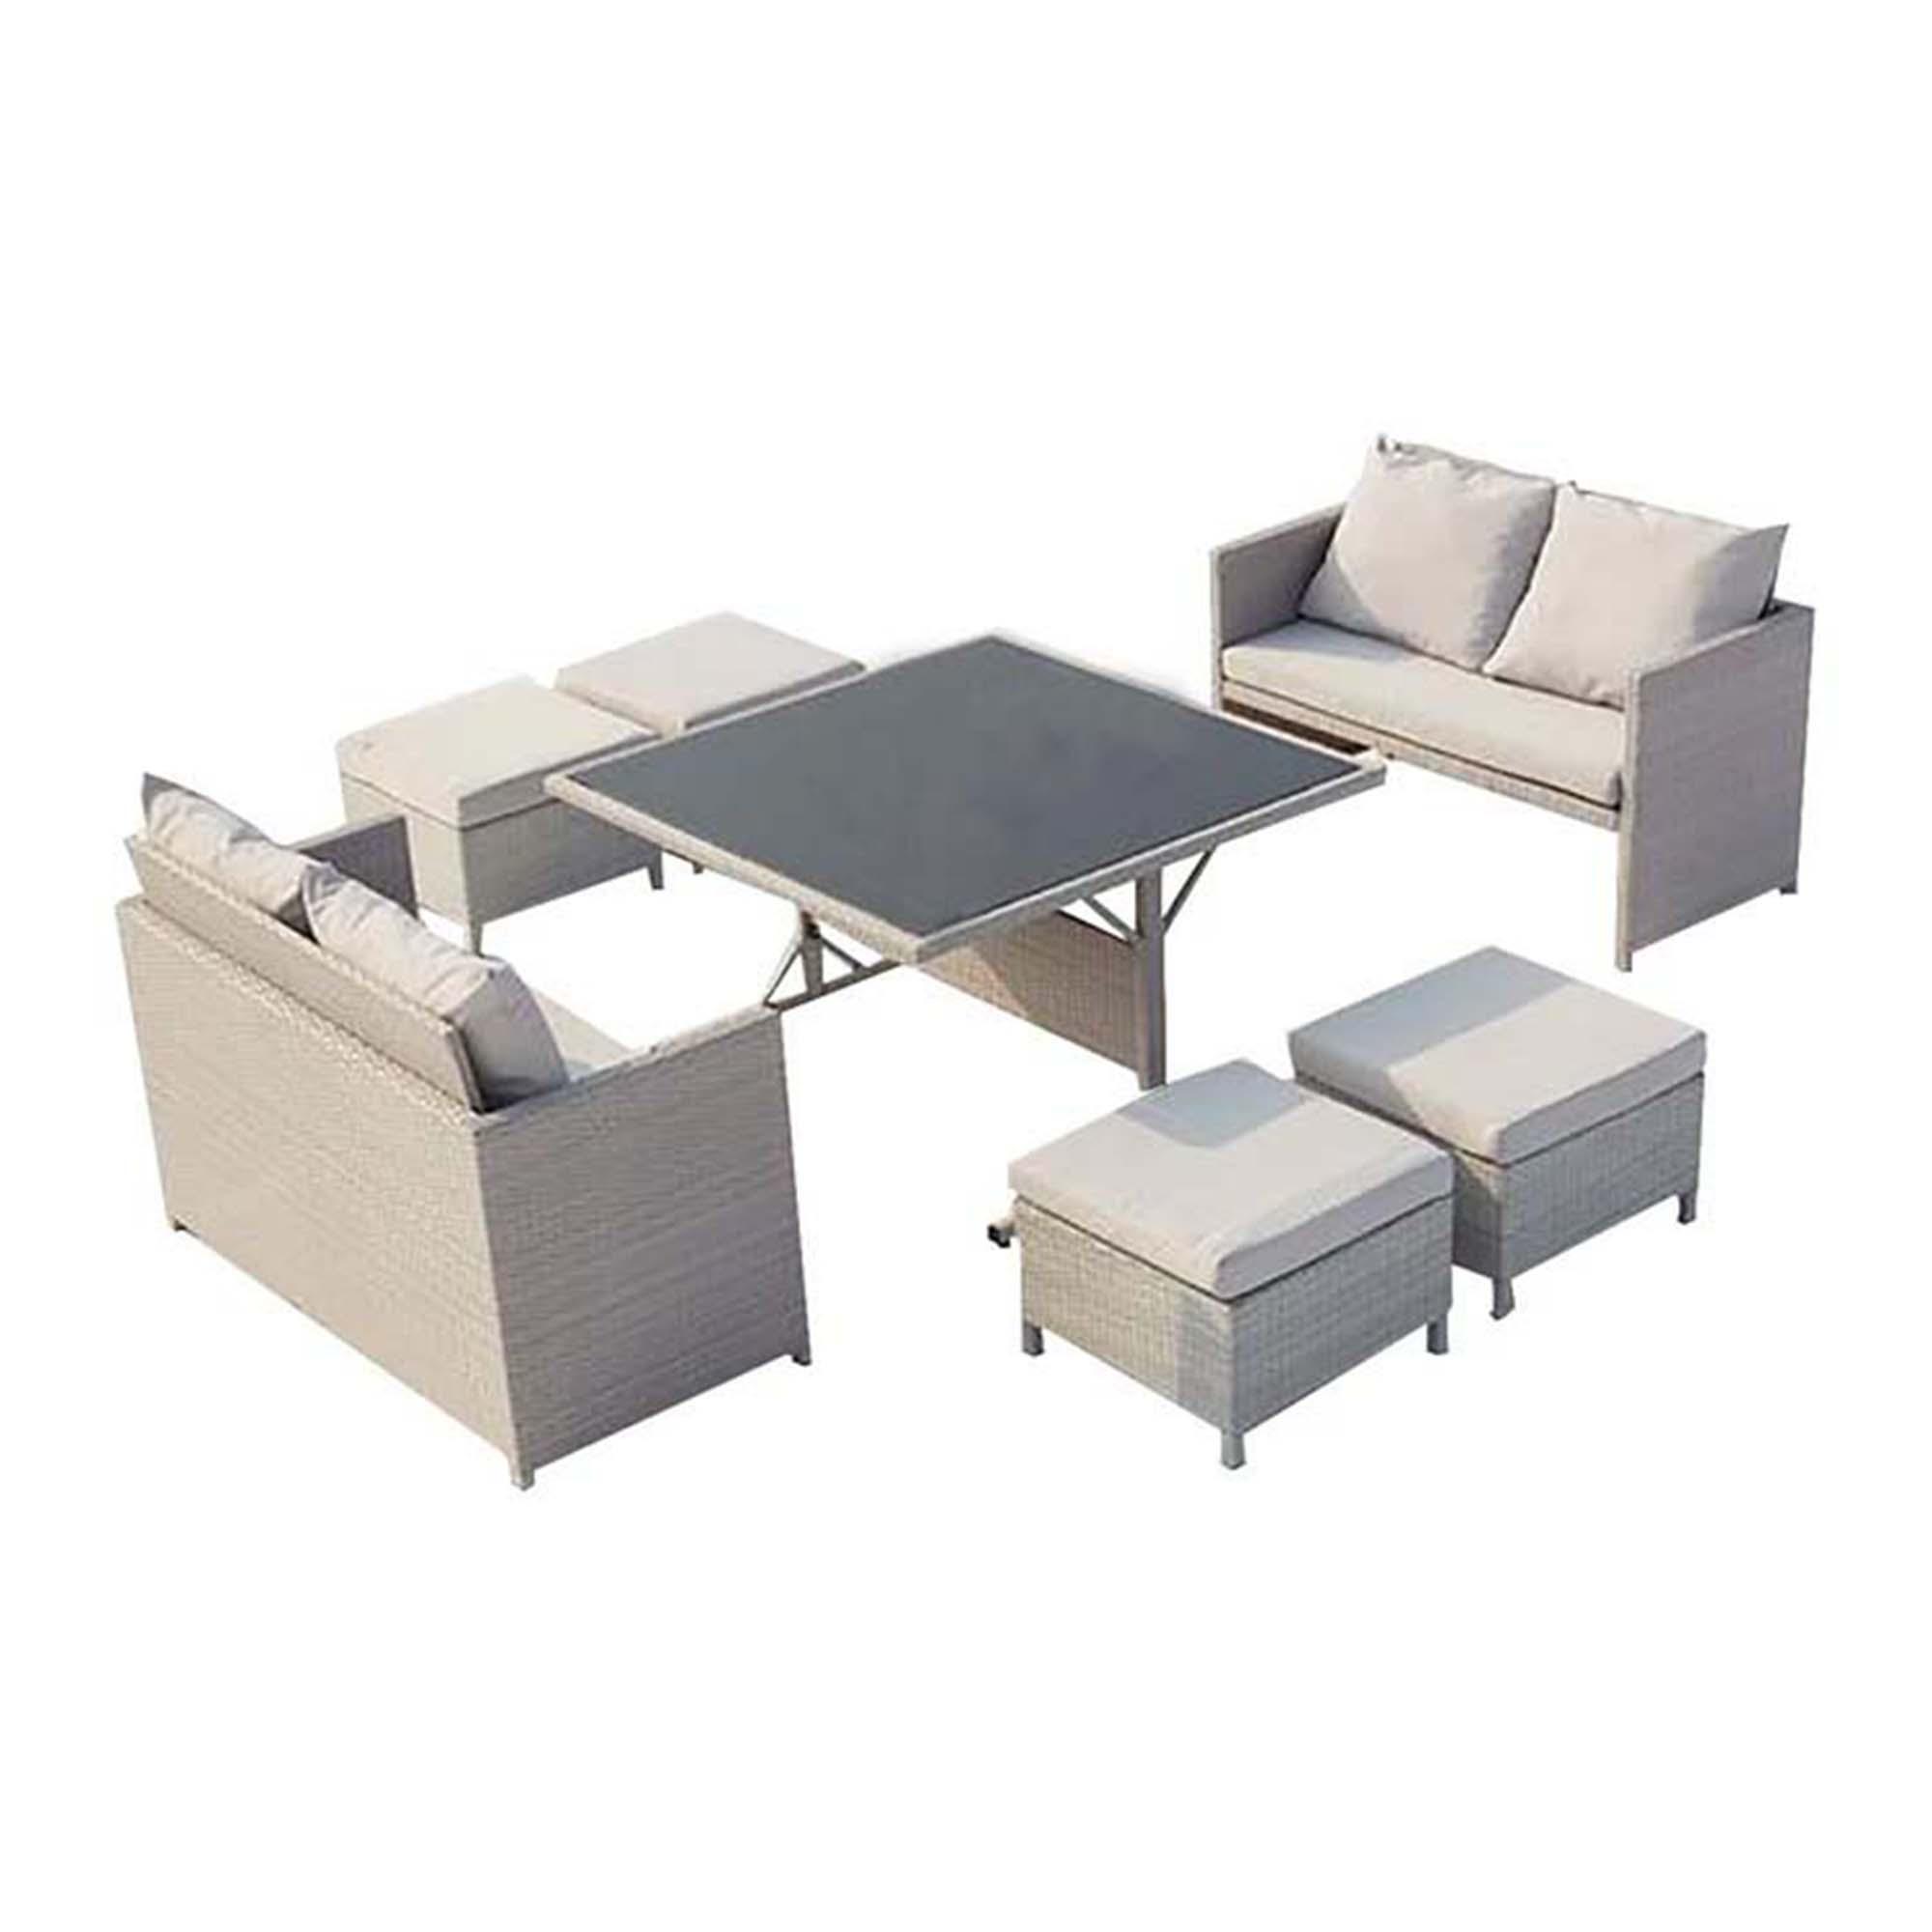 Salon de jardin encastrable 8 places en résine gris/blanc